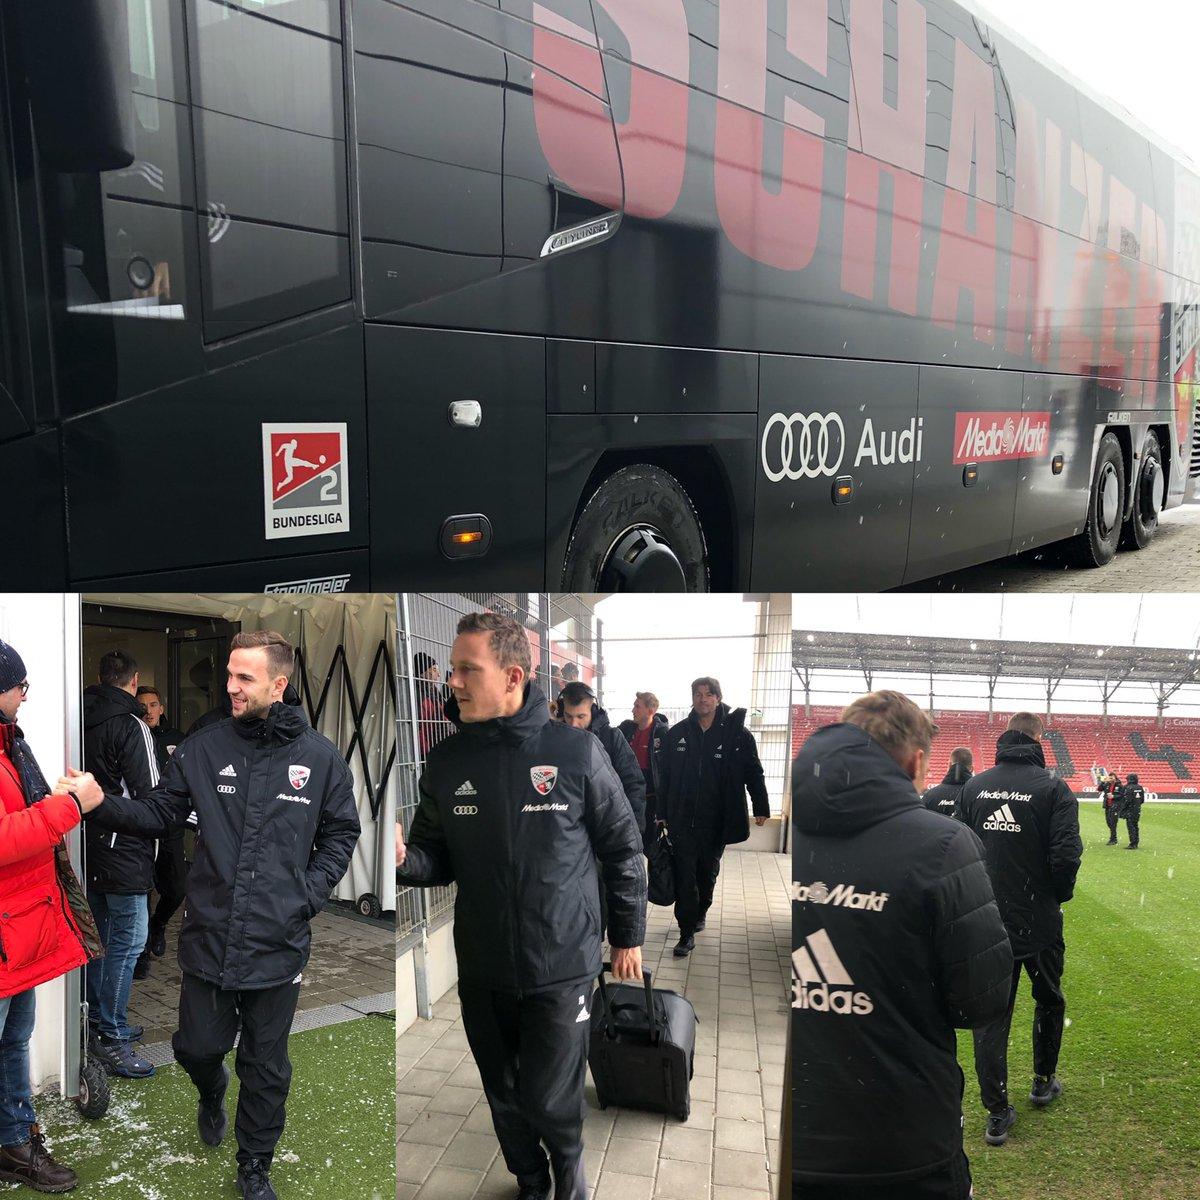 Und da sind unsere #Schanzer! 👀 Servus, Männer 👋👋 Bereit? 🙌 #FCIFCH #Heimspiel #Matchday